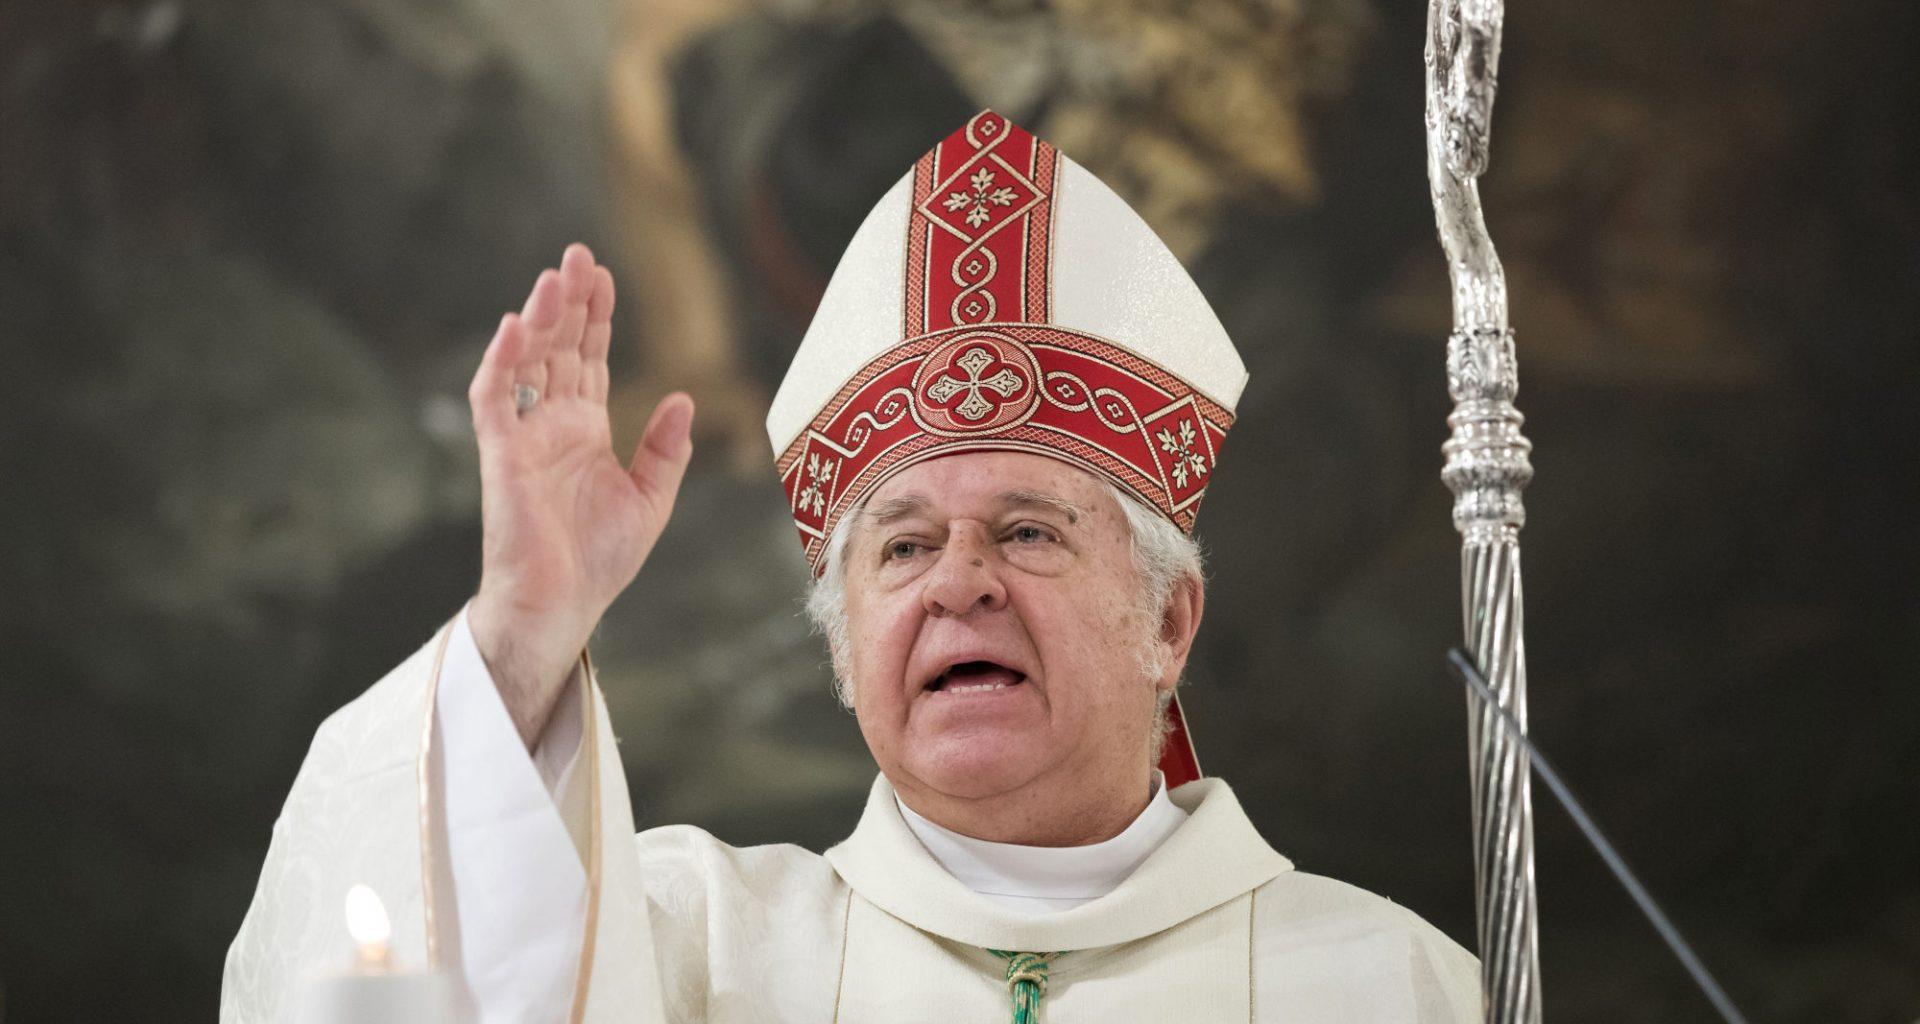 snell györgy püspök